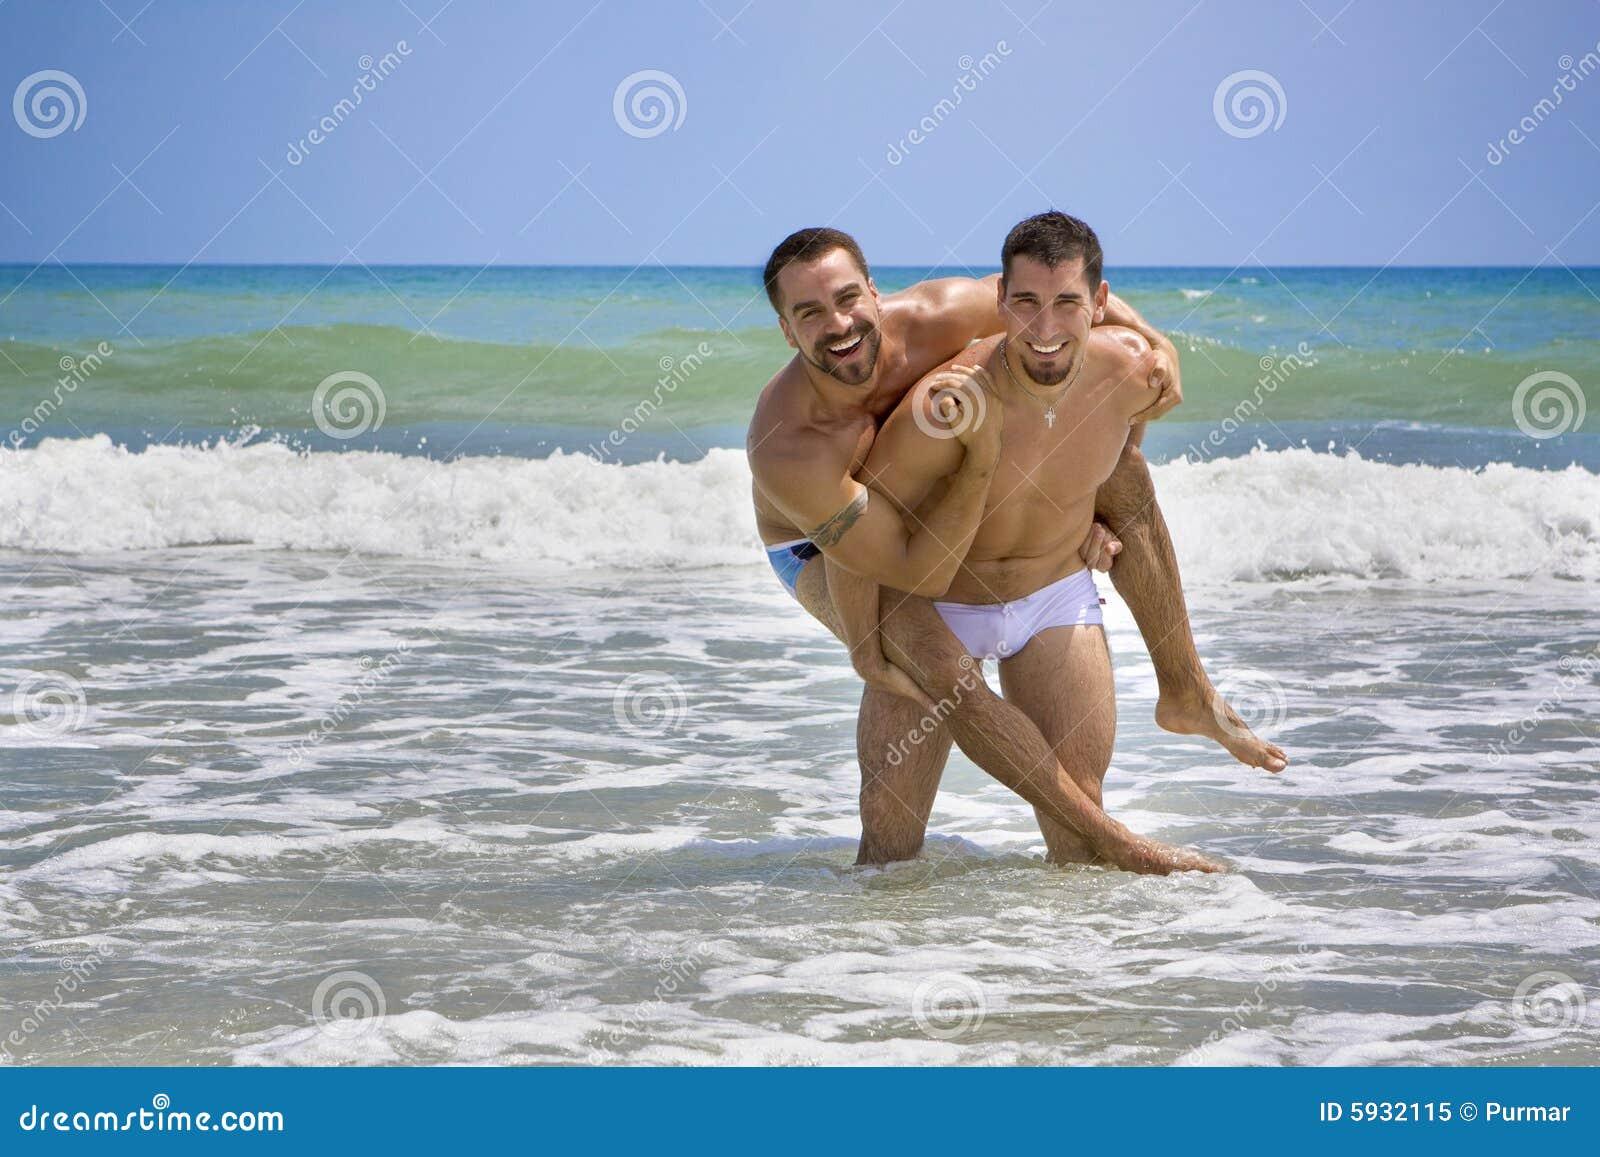 Videos Porno gay de Vacaciones - Pichalocacom